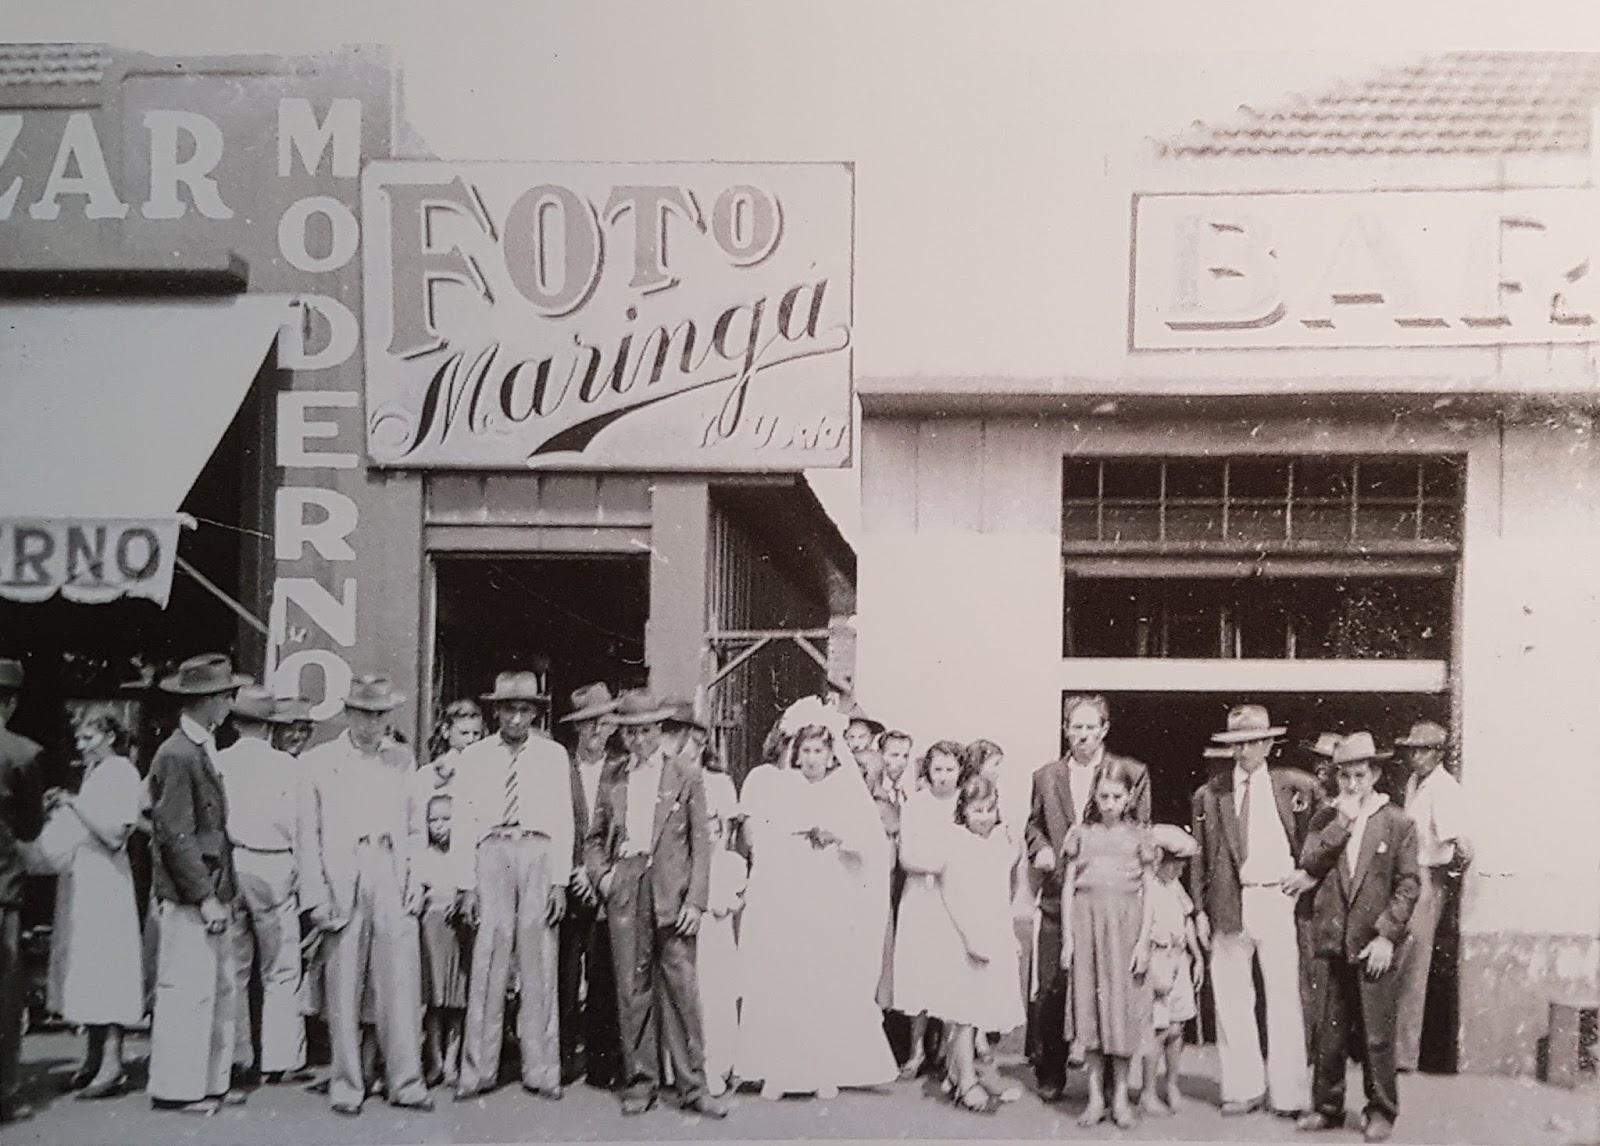 Casamento na avenida Duque de Caxias - Década de 1950